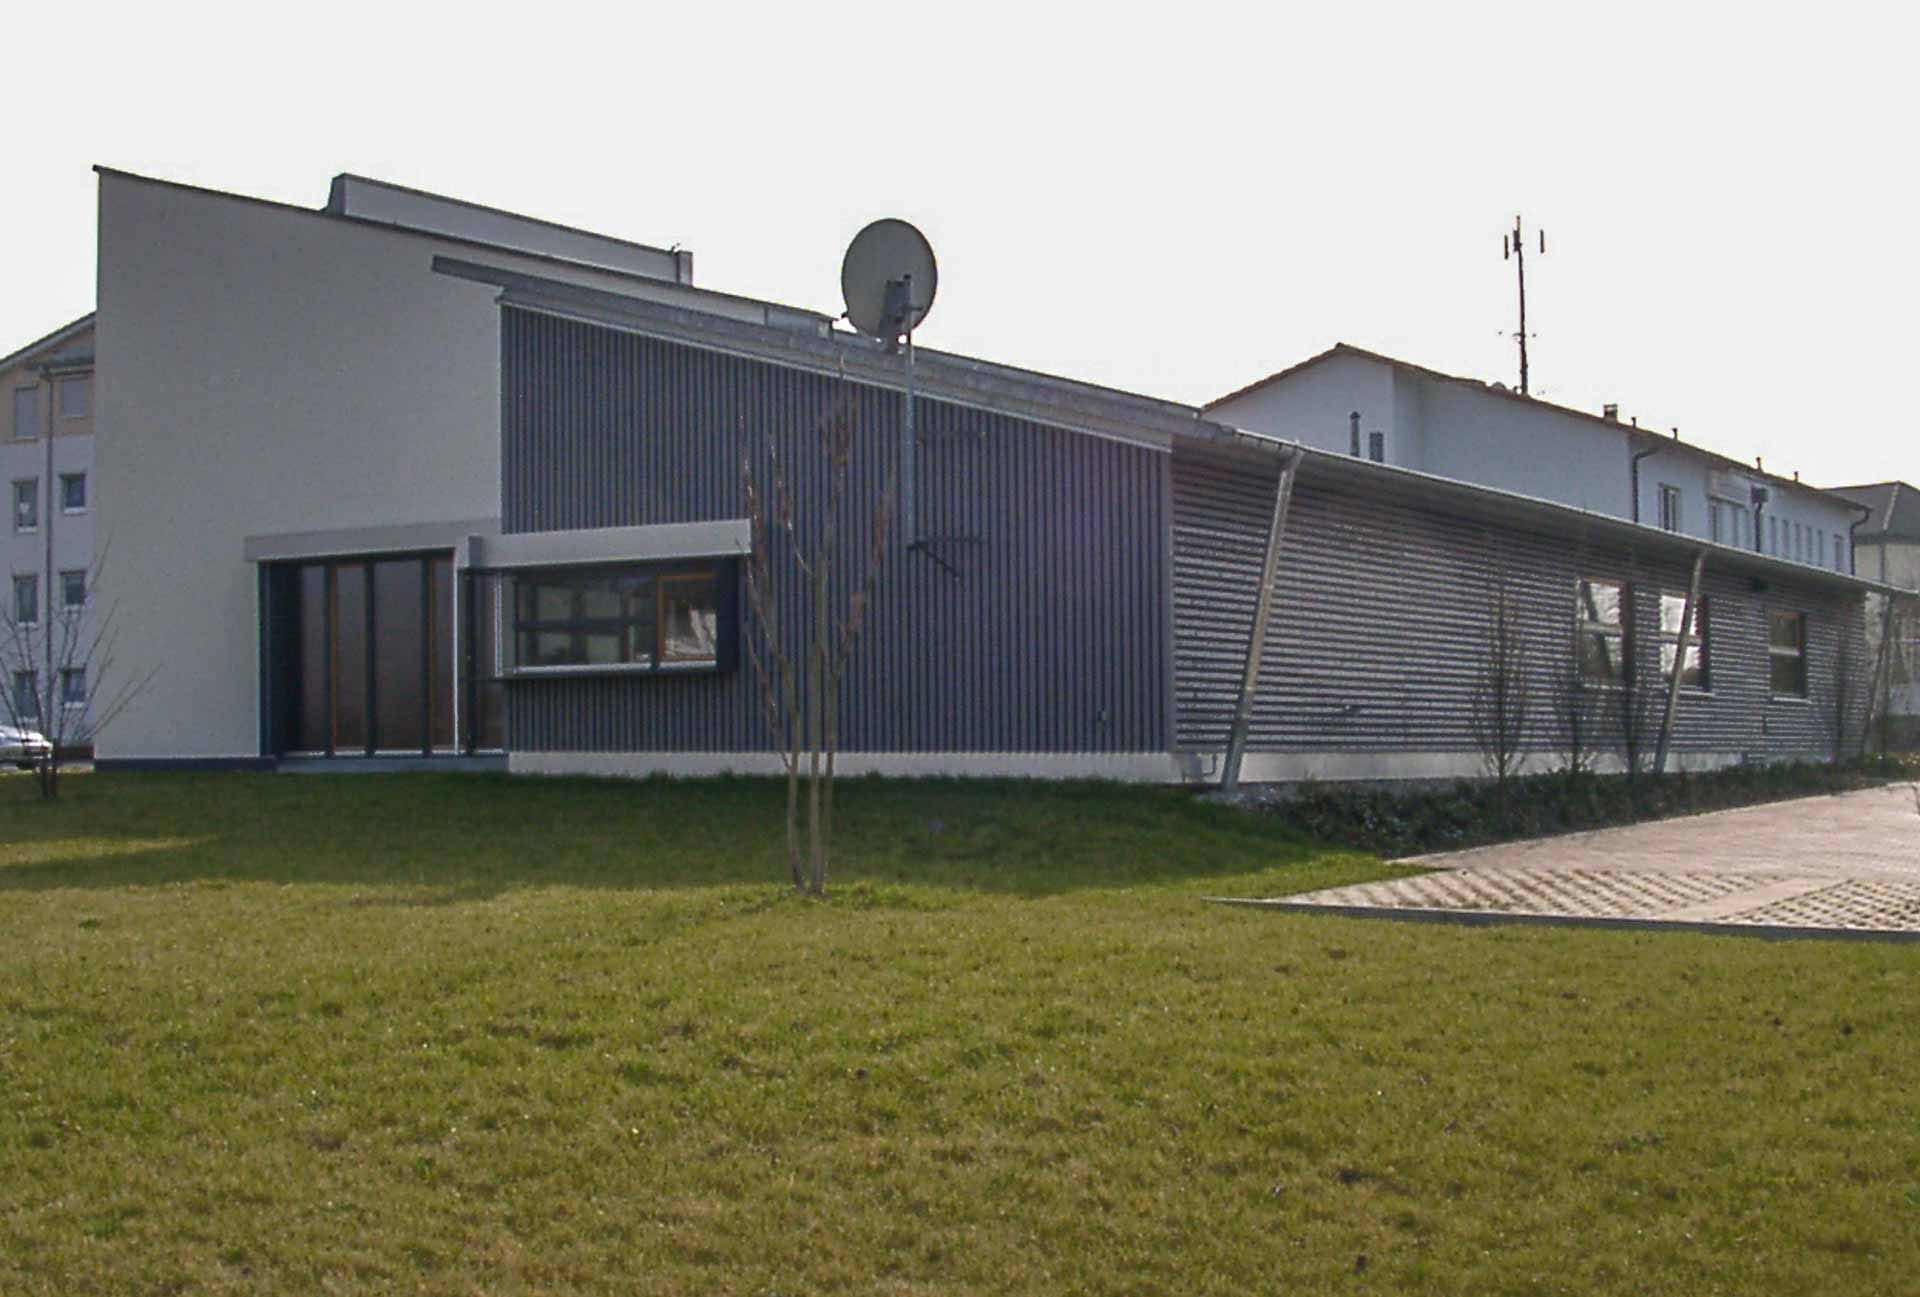 03260007-2 - Neuapostolische Kirche Bad Krozingen